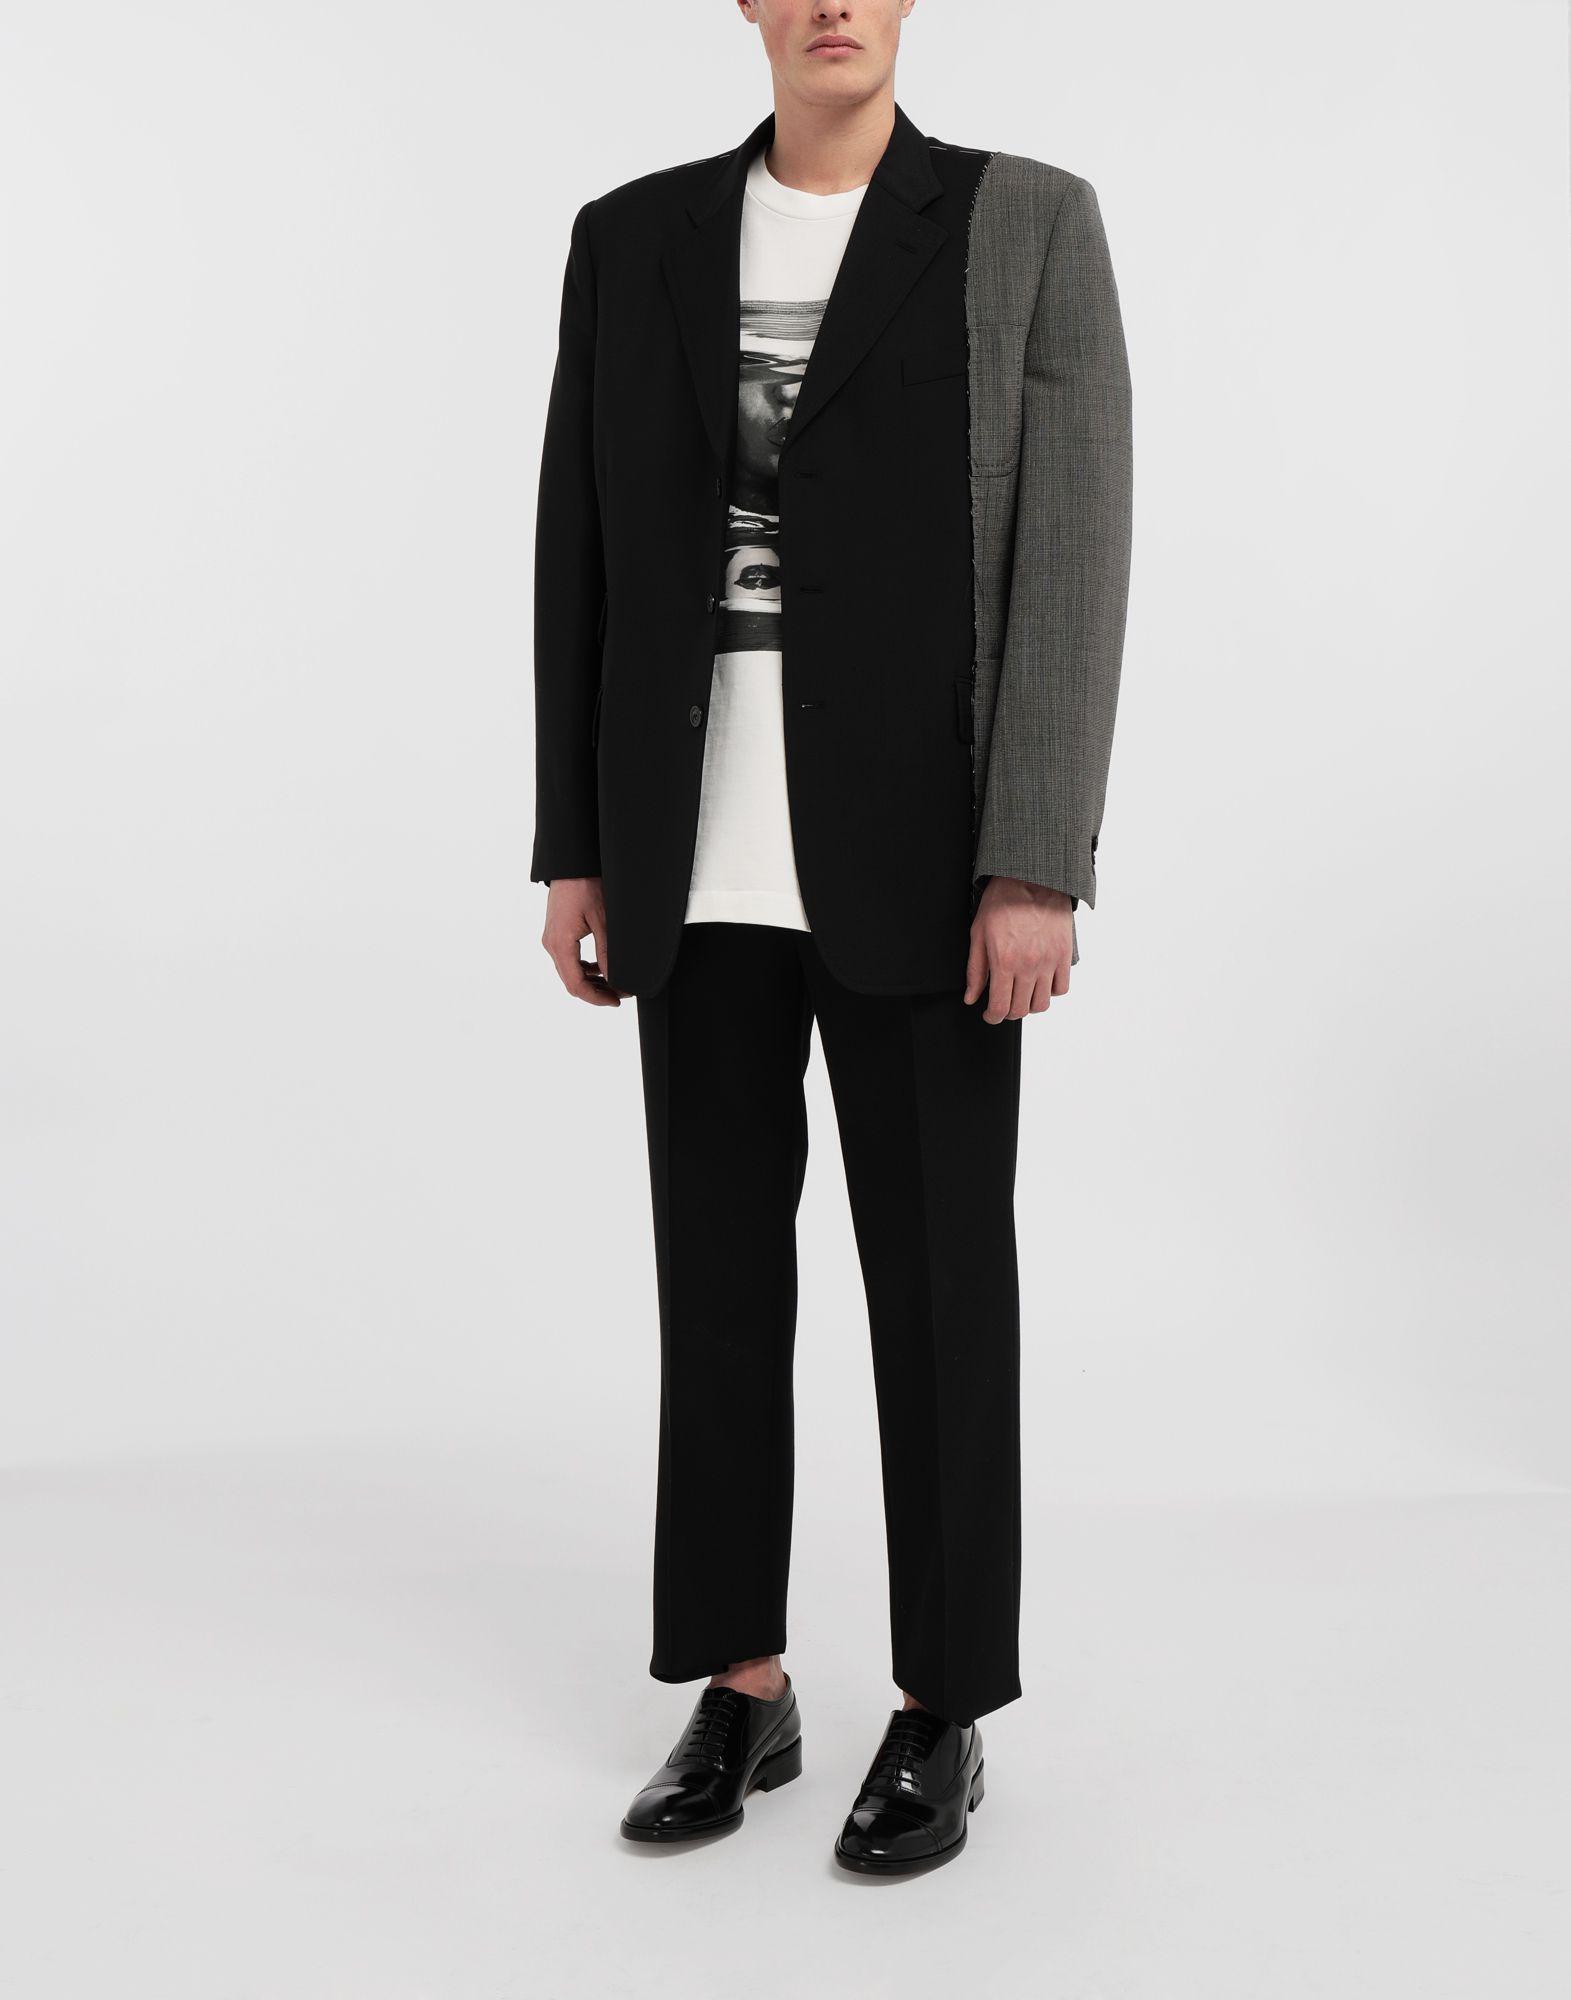 MAISON MARGIELA Spliced wool jacket Blazer Man d